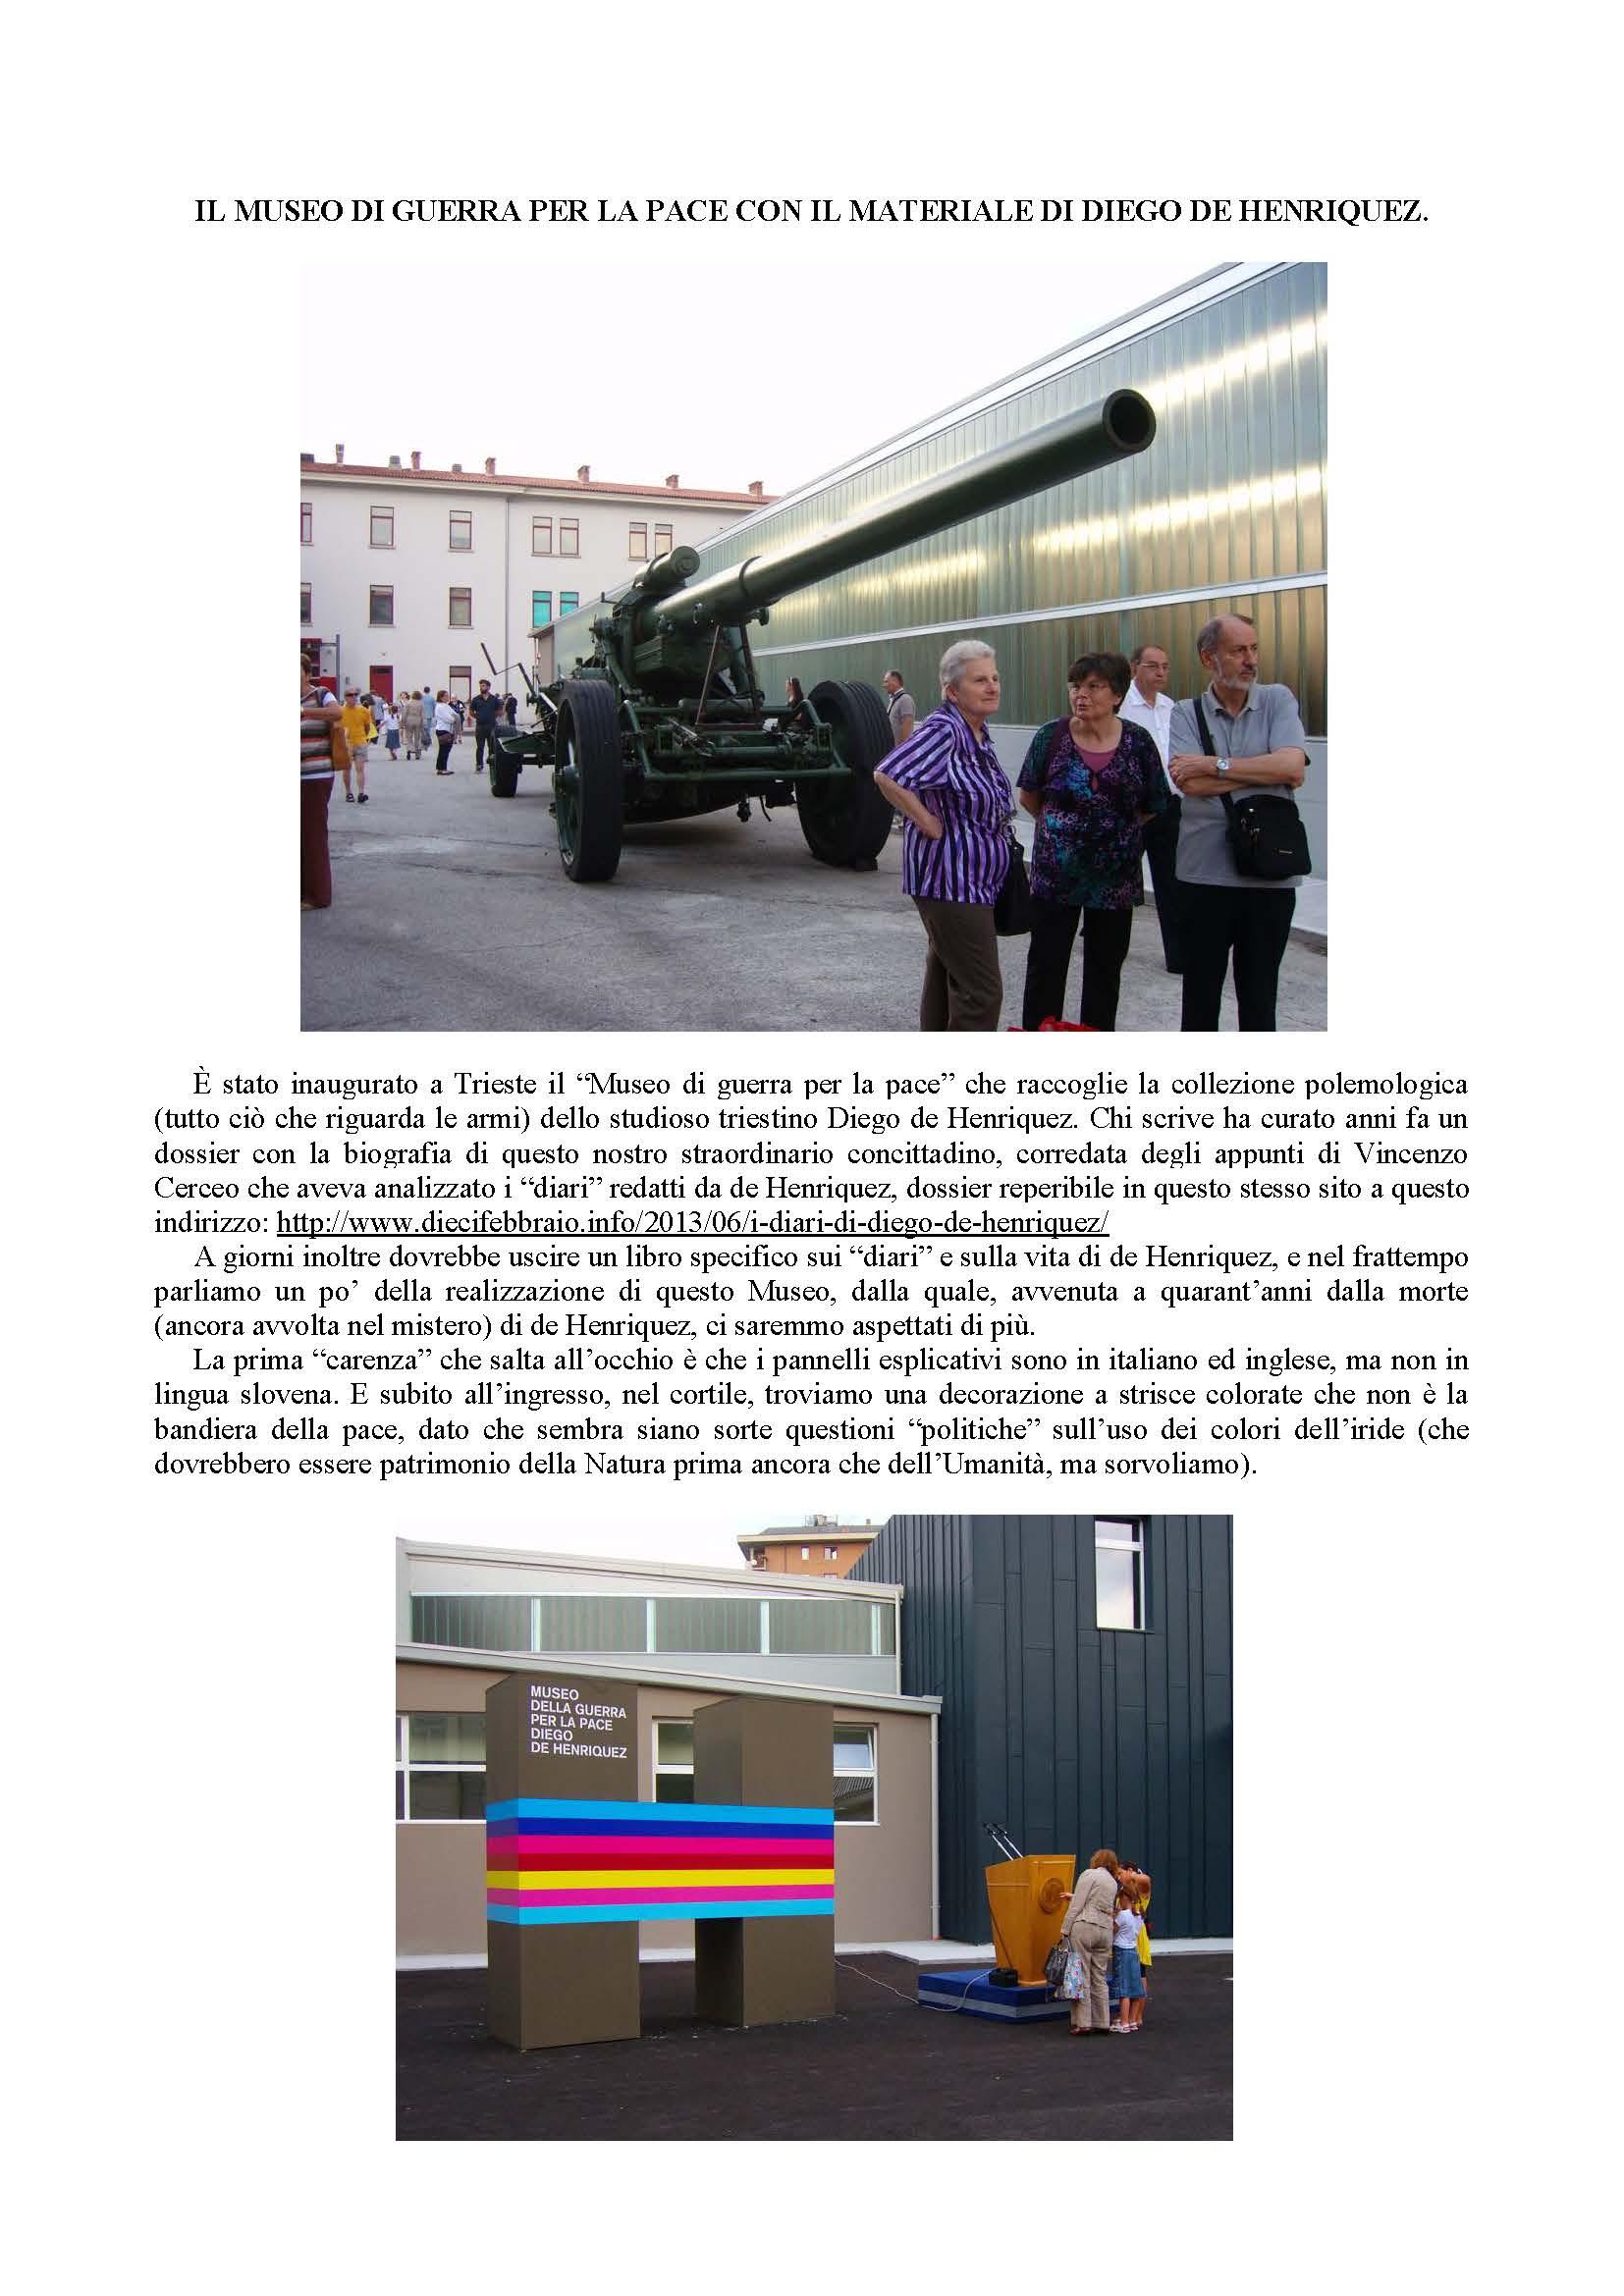 IL-MUSEO-DI-GUERRA-PER-LA-PACE-CON-IL-MATERIALE-DI-DIEGO-DE-HENRIQUEZ1_Page_1